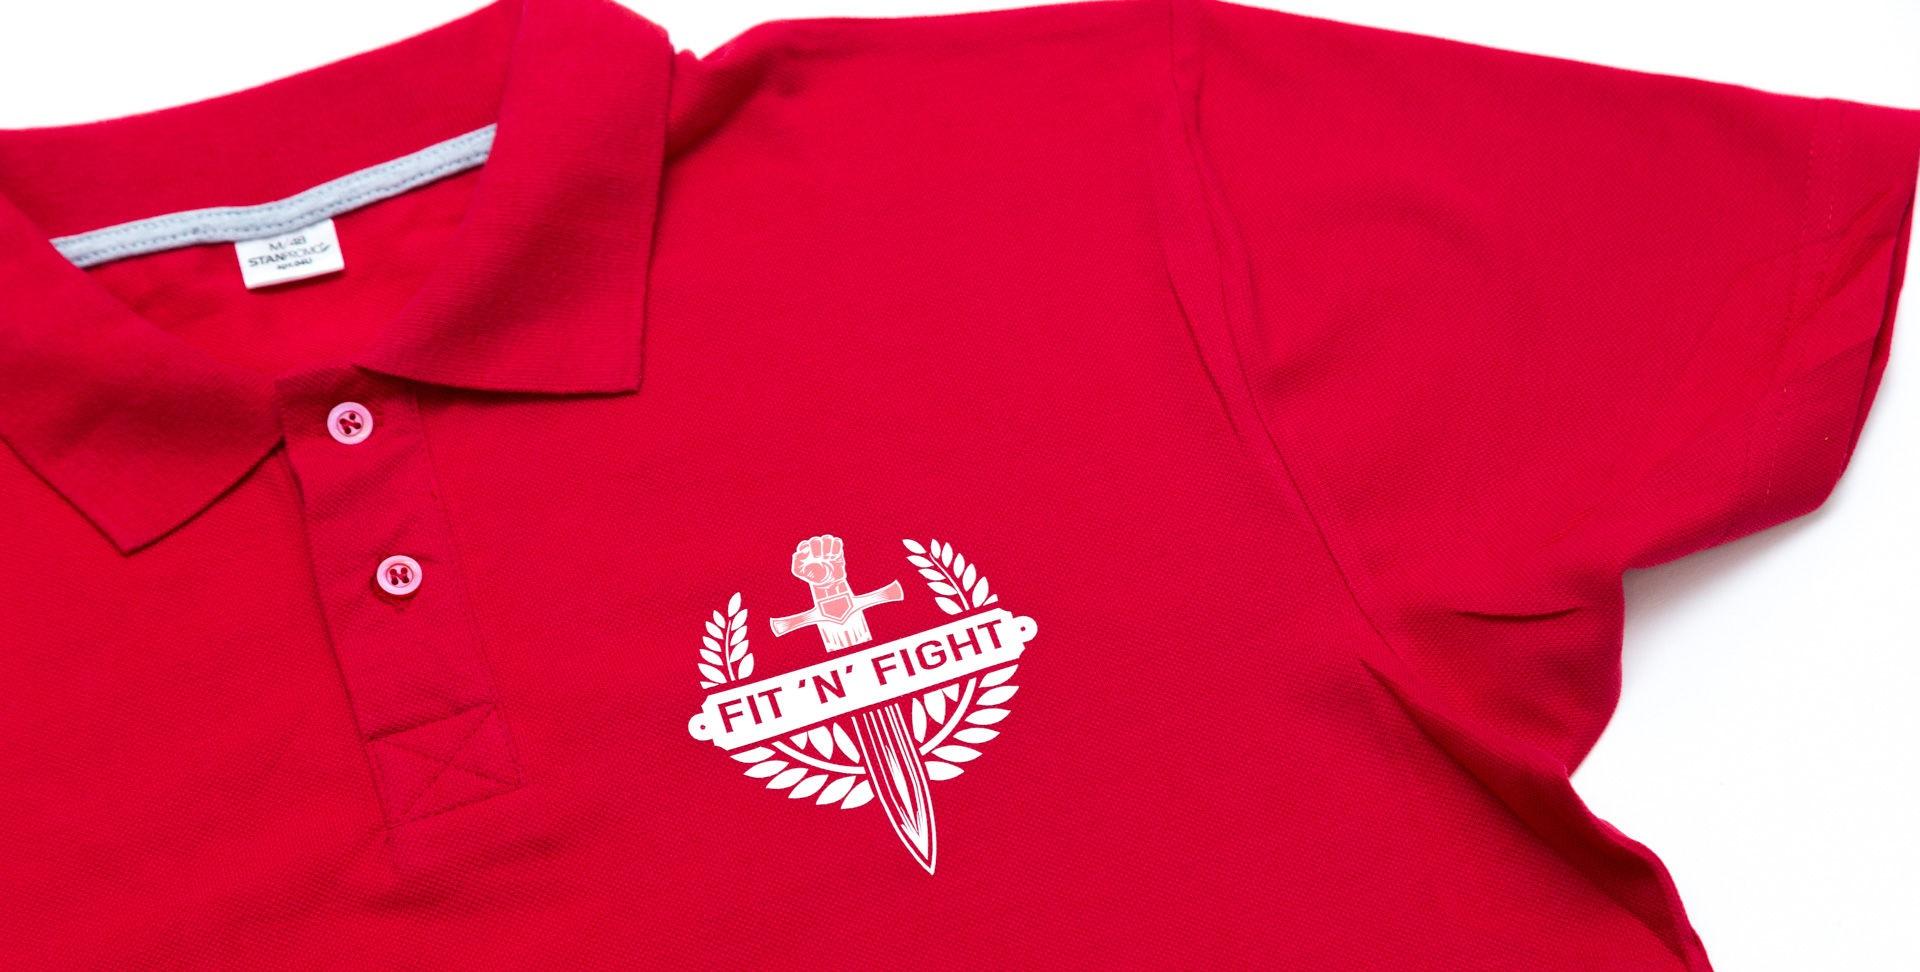 Печать фото и логотипов на рубашках поло в Москве   фото 1